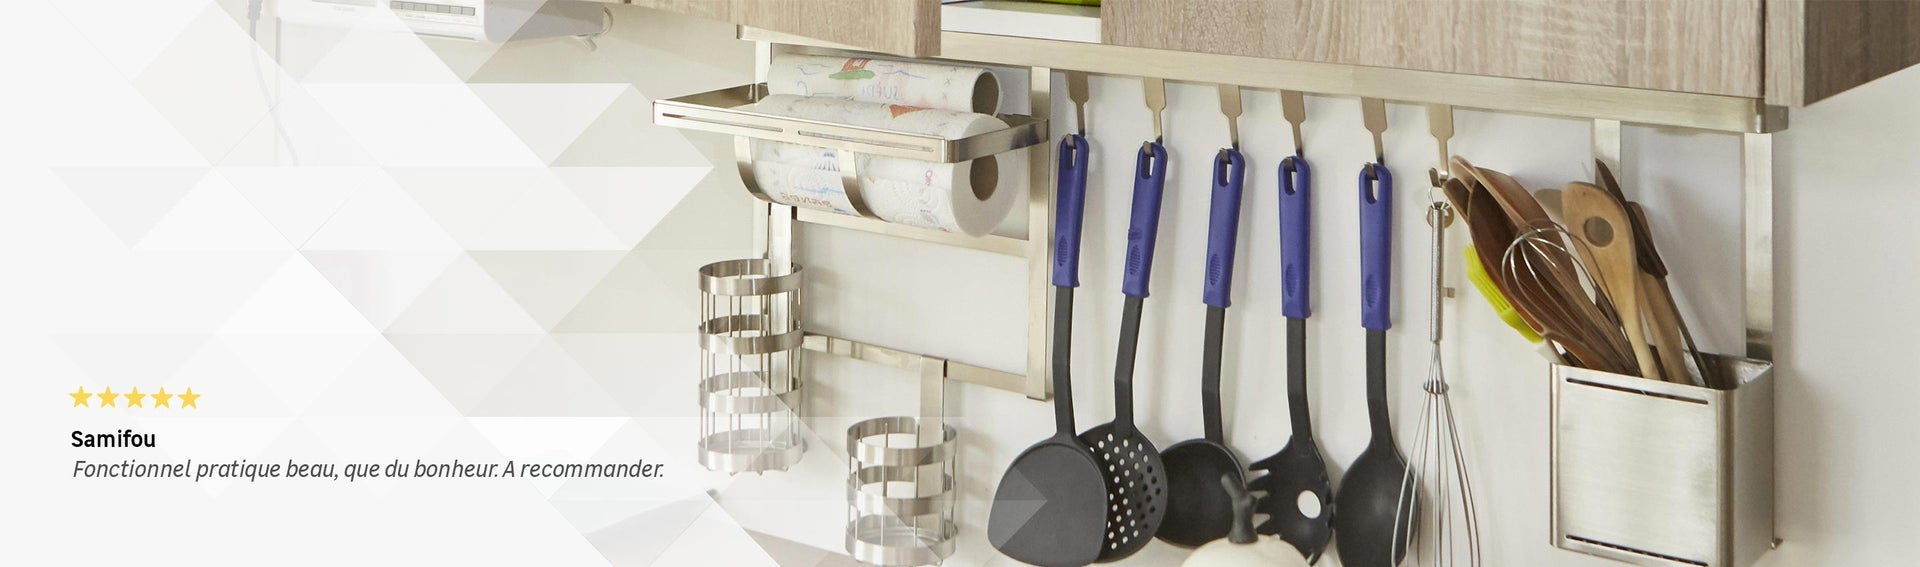 Poubelle tabouret et accessoires de cuisine range for Accessoire cuisine